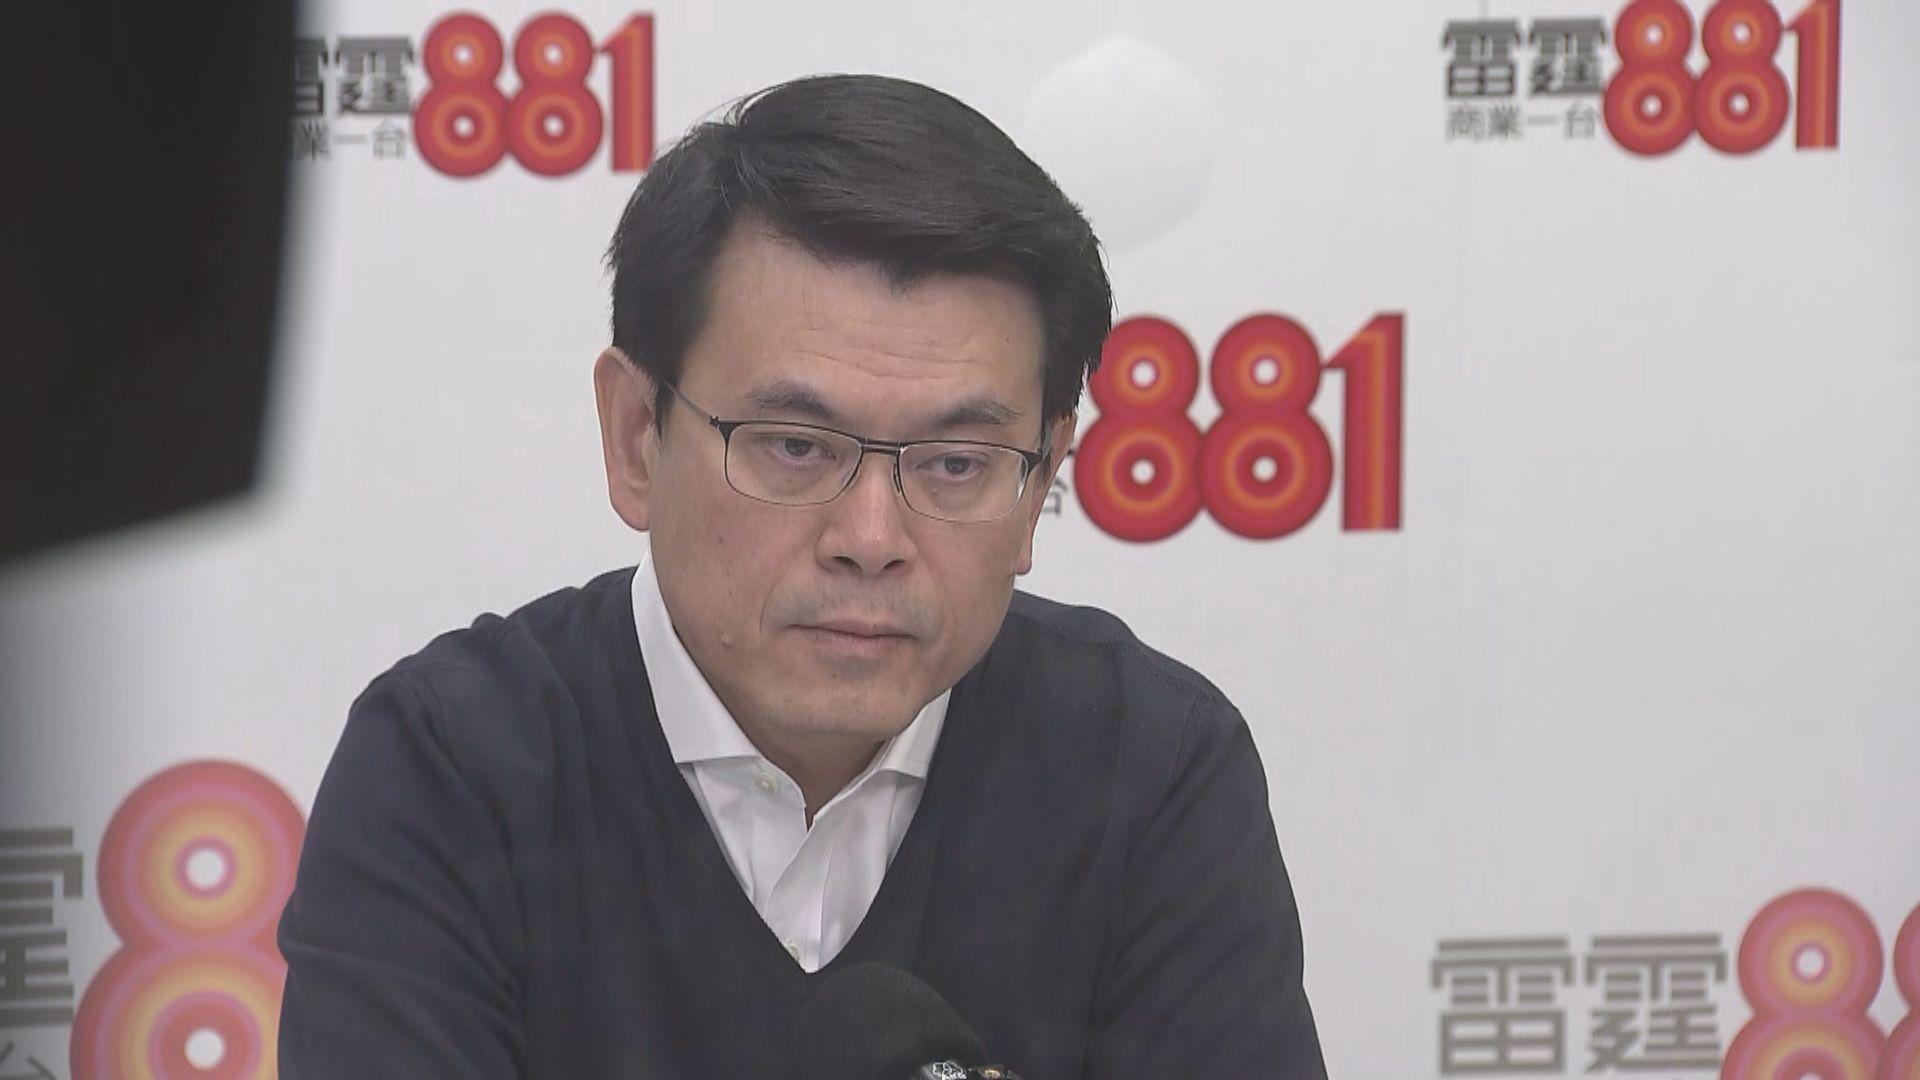 邱騰華:現時只是經濟轉差開端